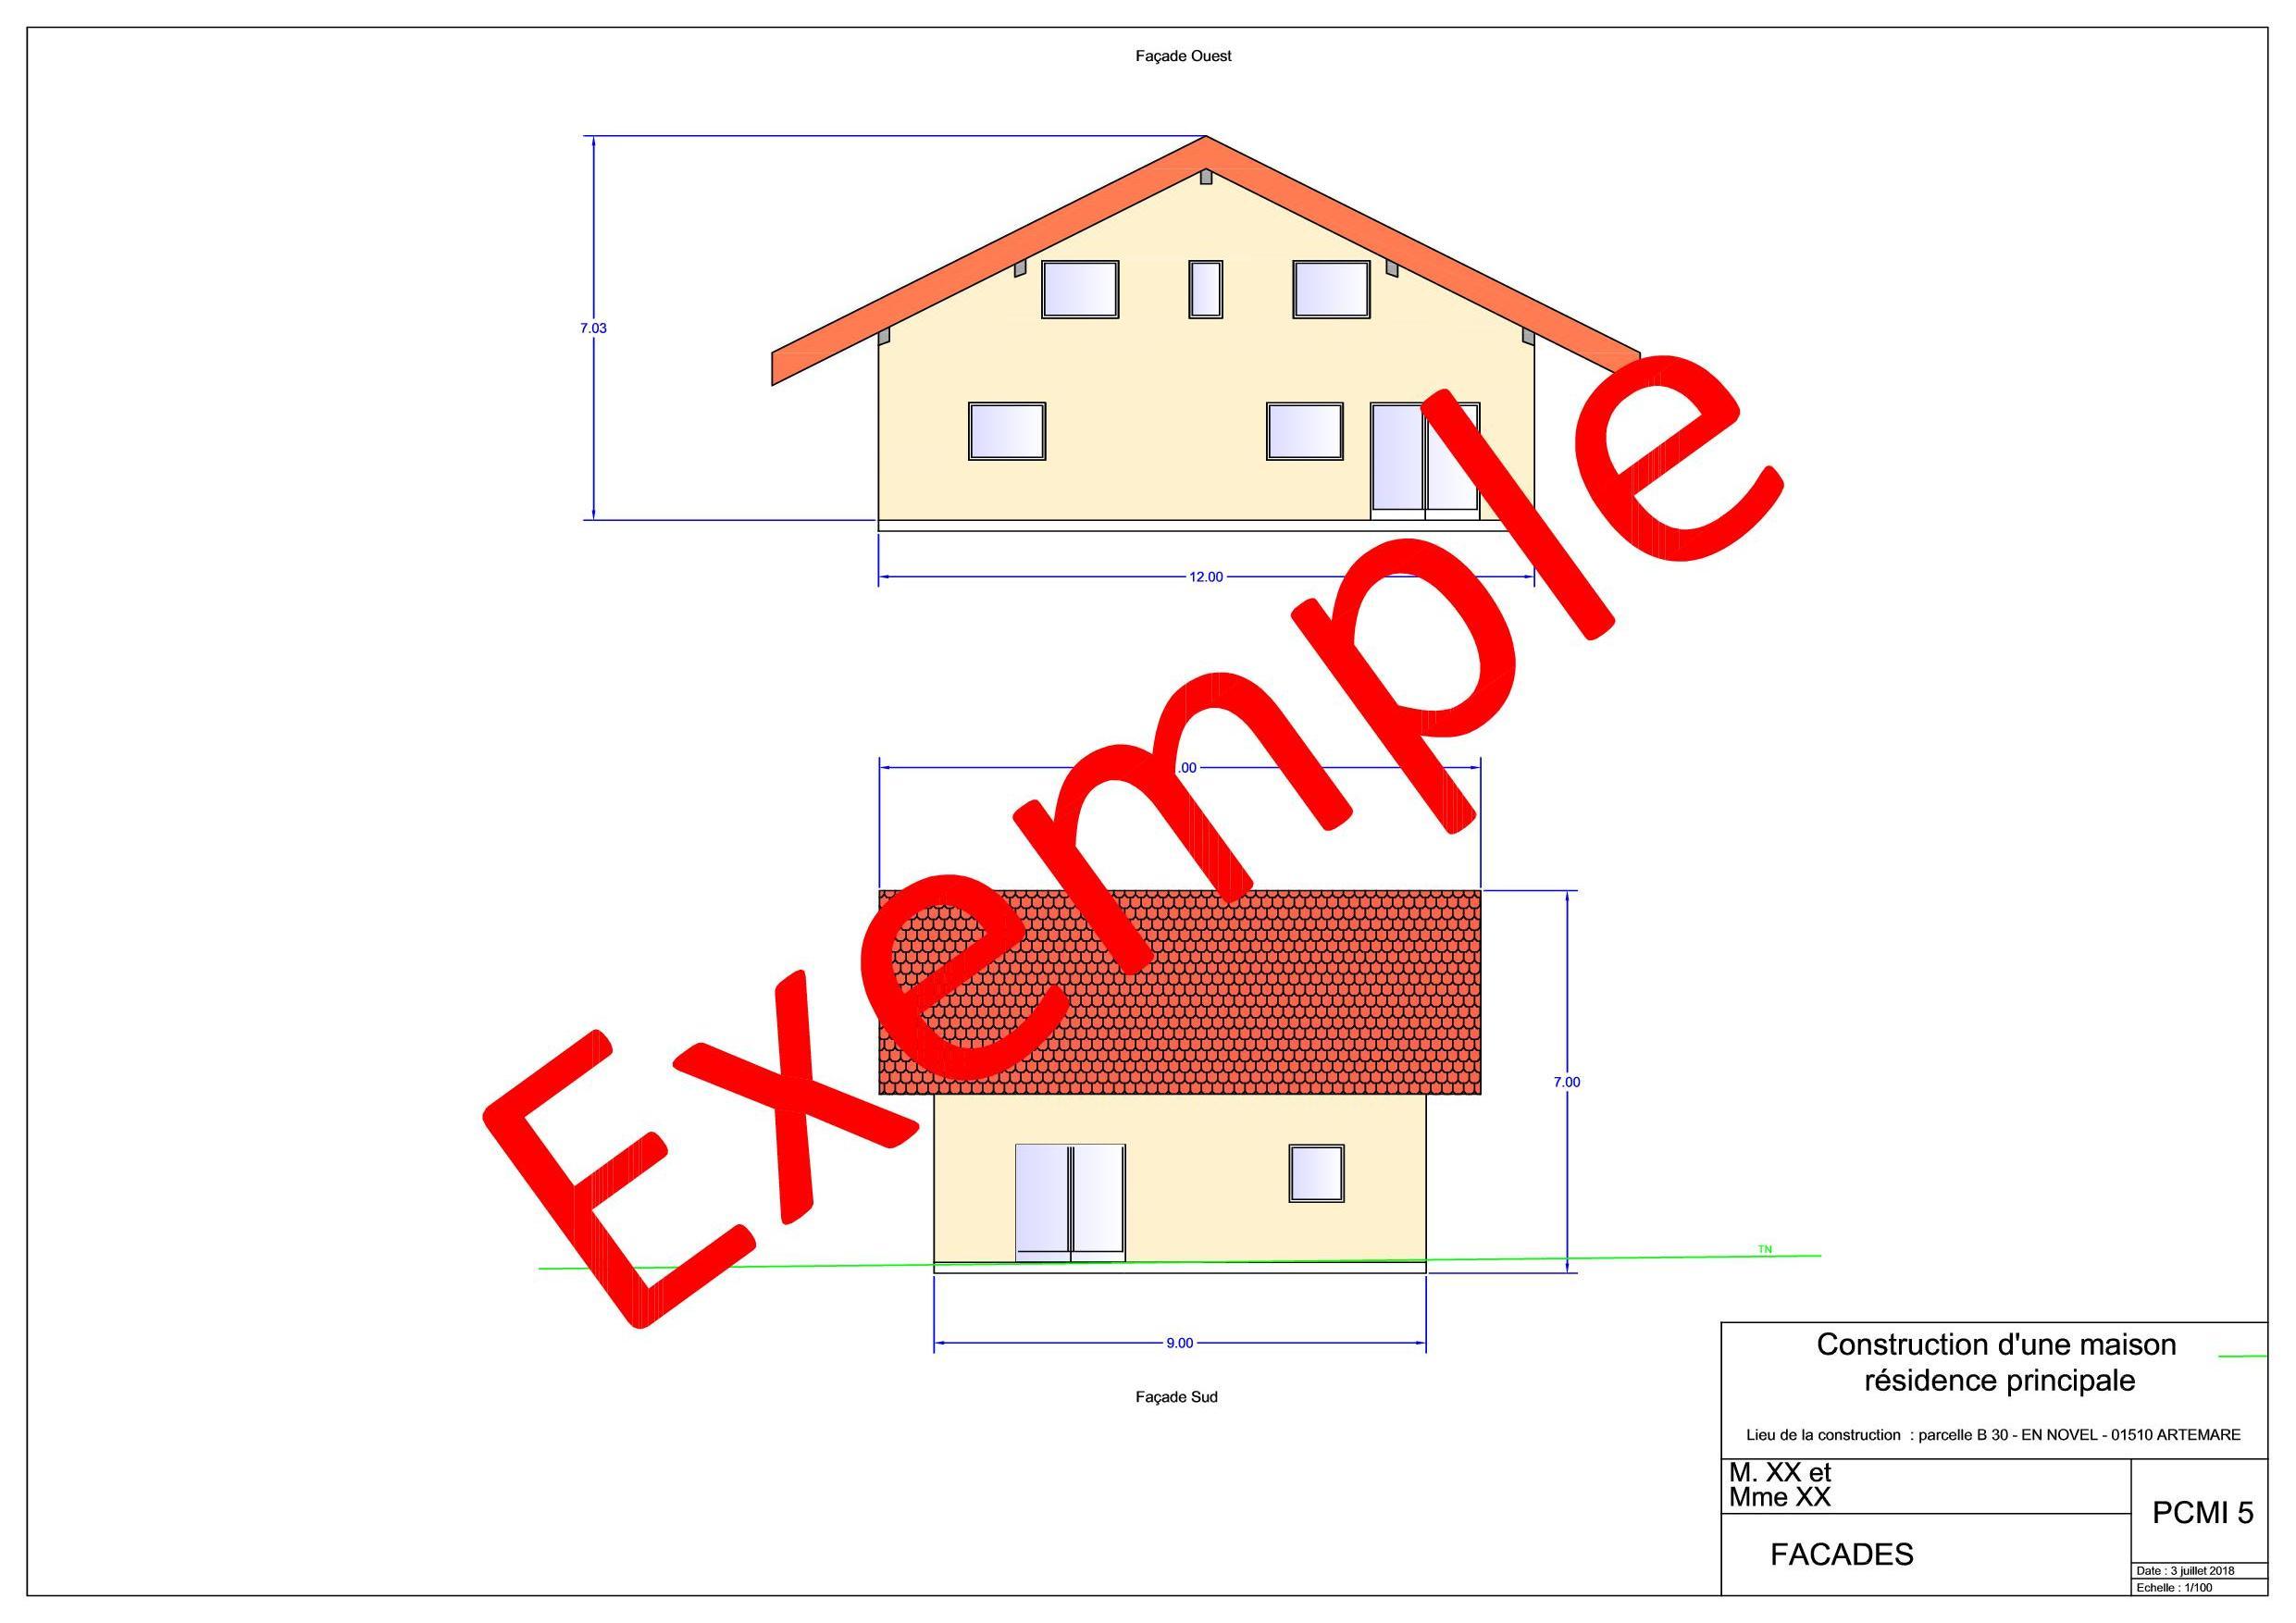 8 Plan des façades et toitures n°2 (pcmi5 obligatoire)